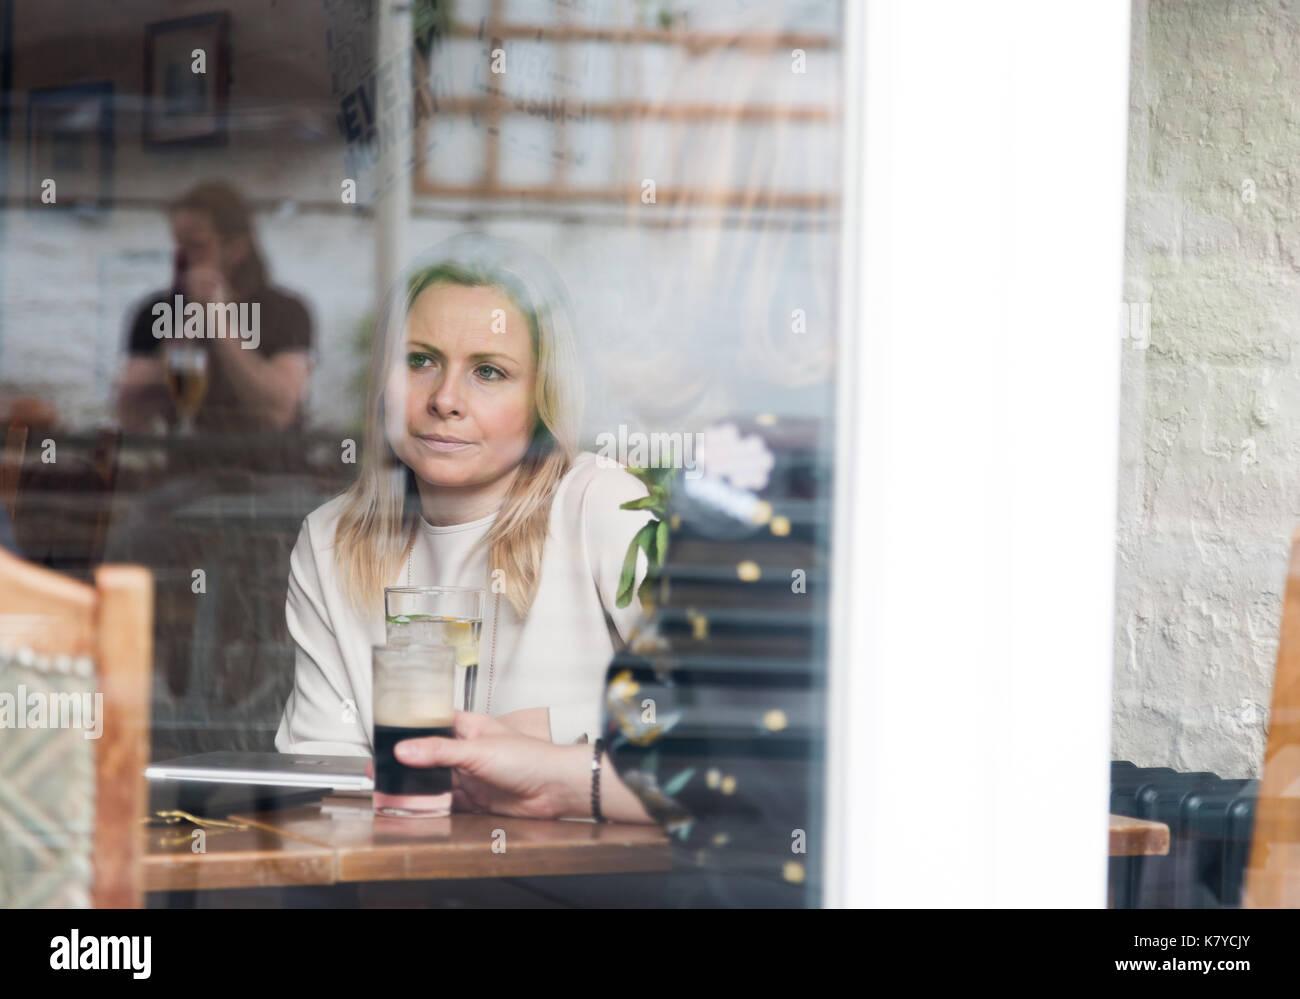 Blonde pensive young hot femme seule dans un pub. Tourné à travers la vitre avec les réflexions sur le verre Photo Stock